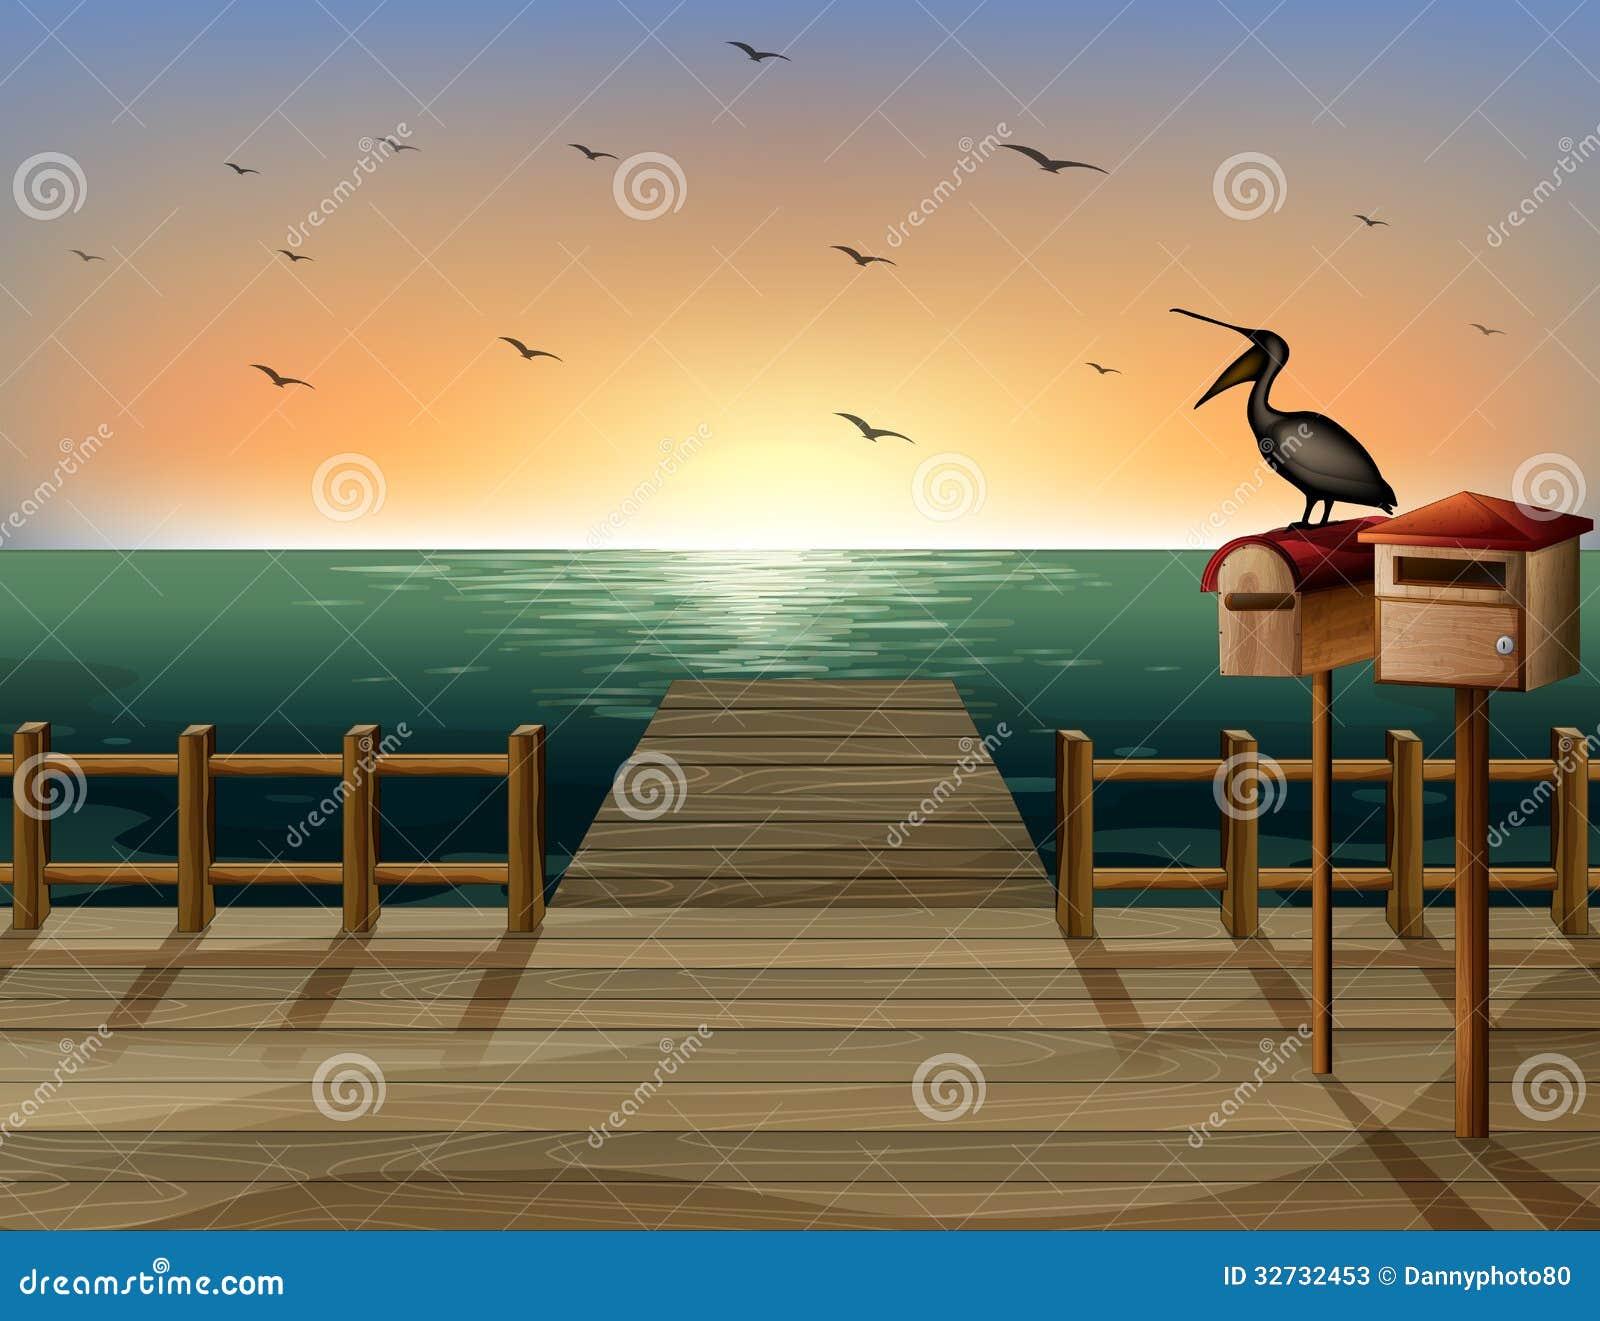 Listowy pudełko i port morski